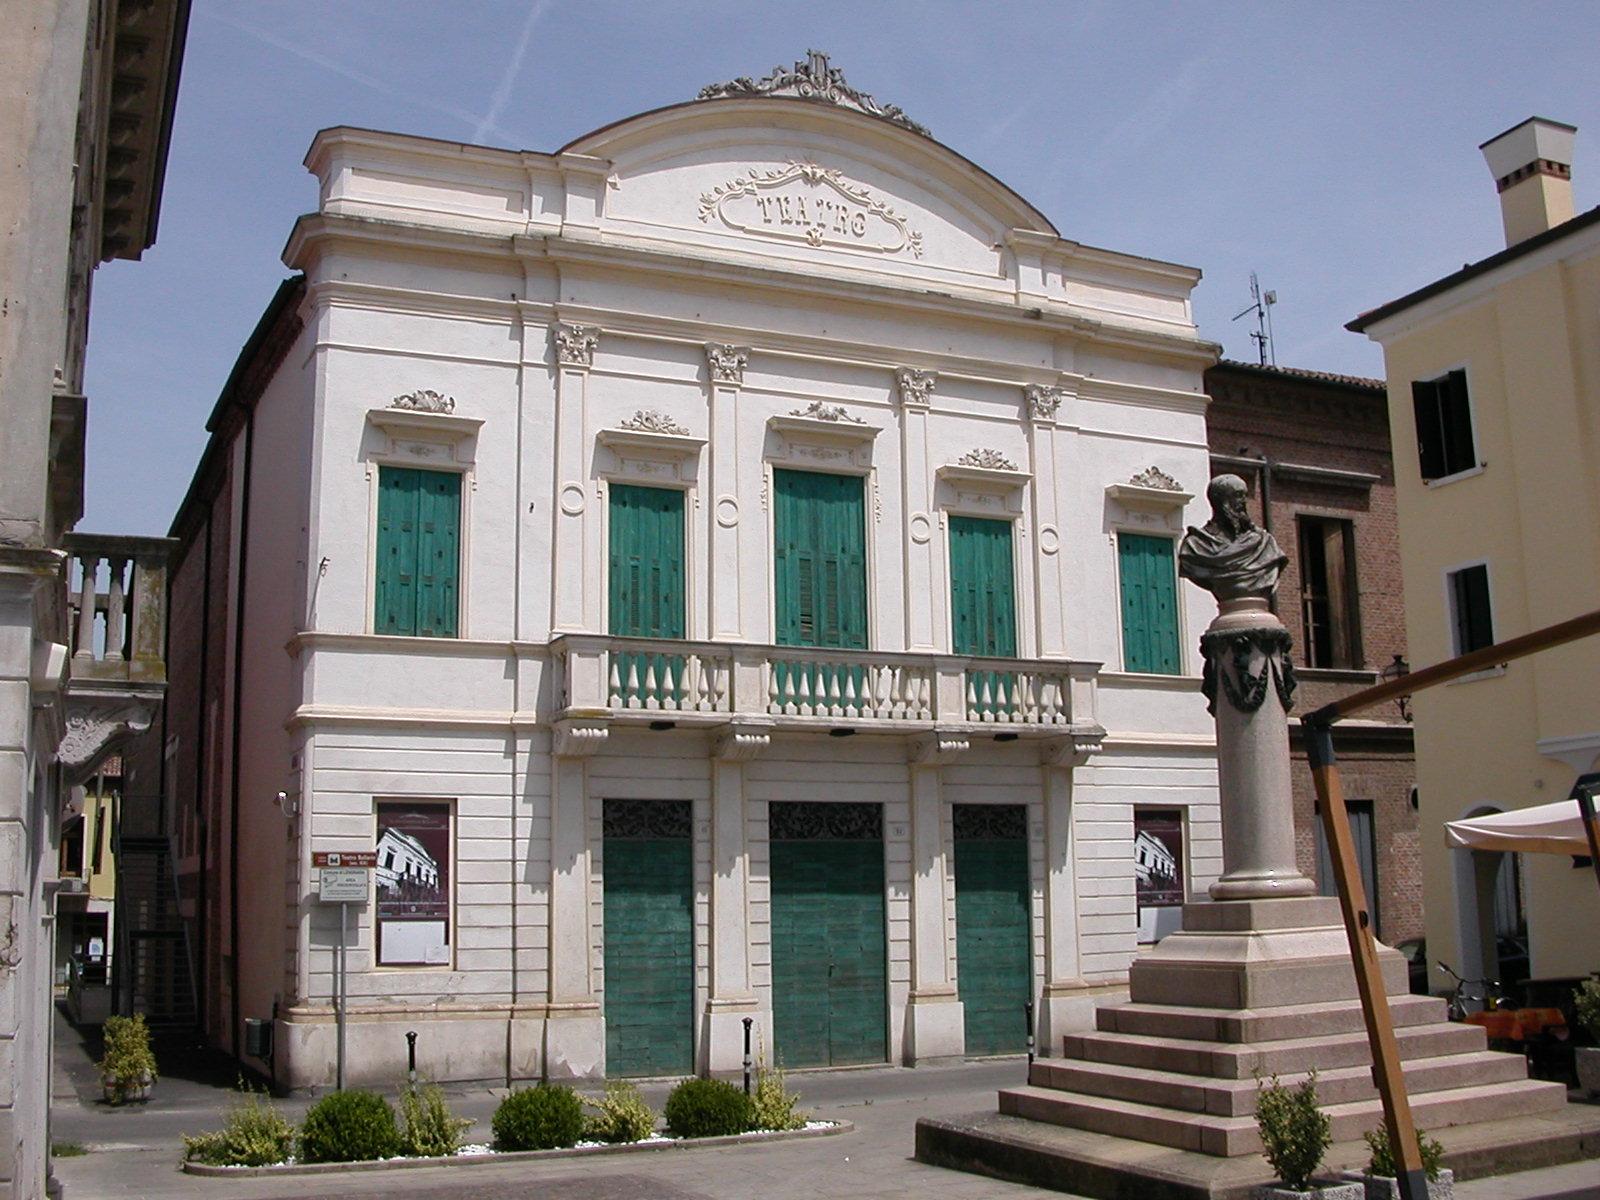 Teatro Ballarin Lendinara Rovigo